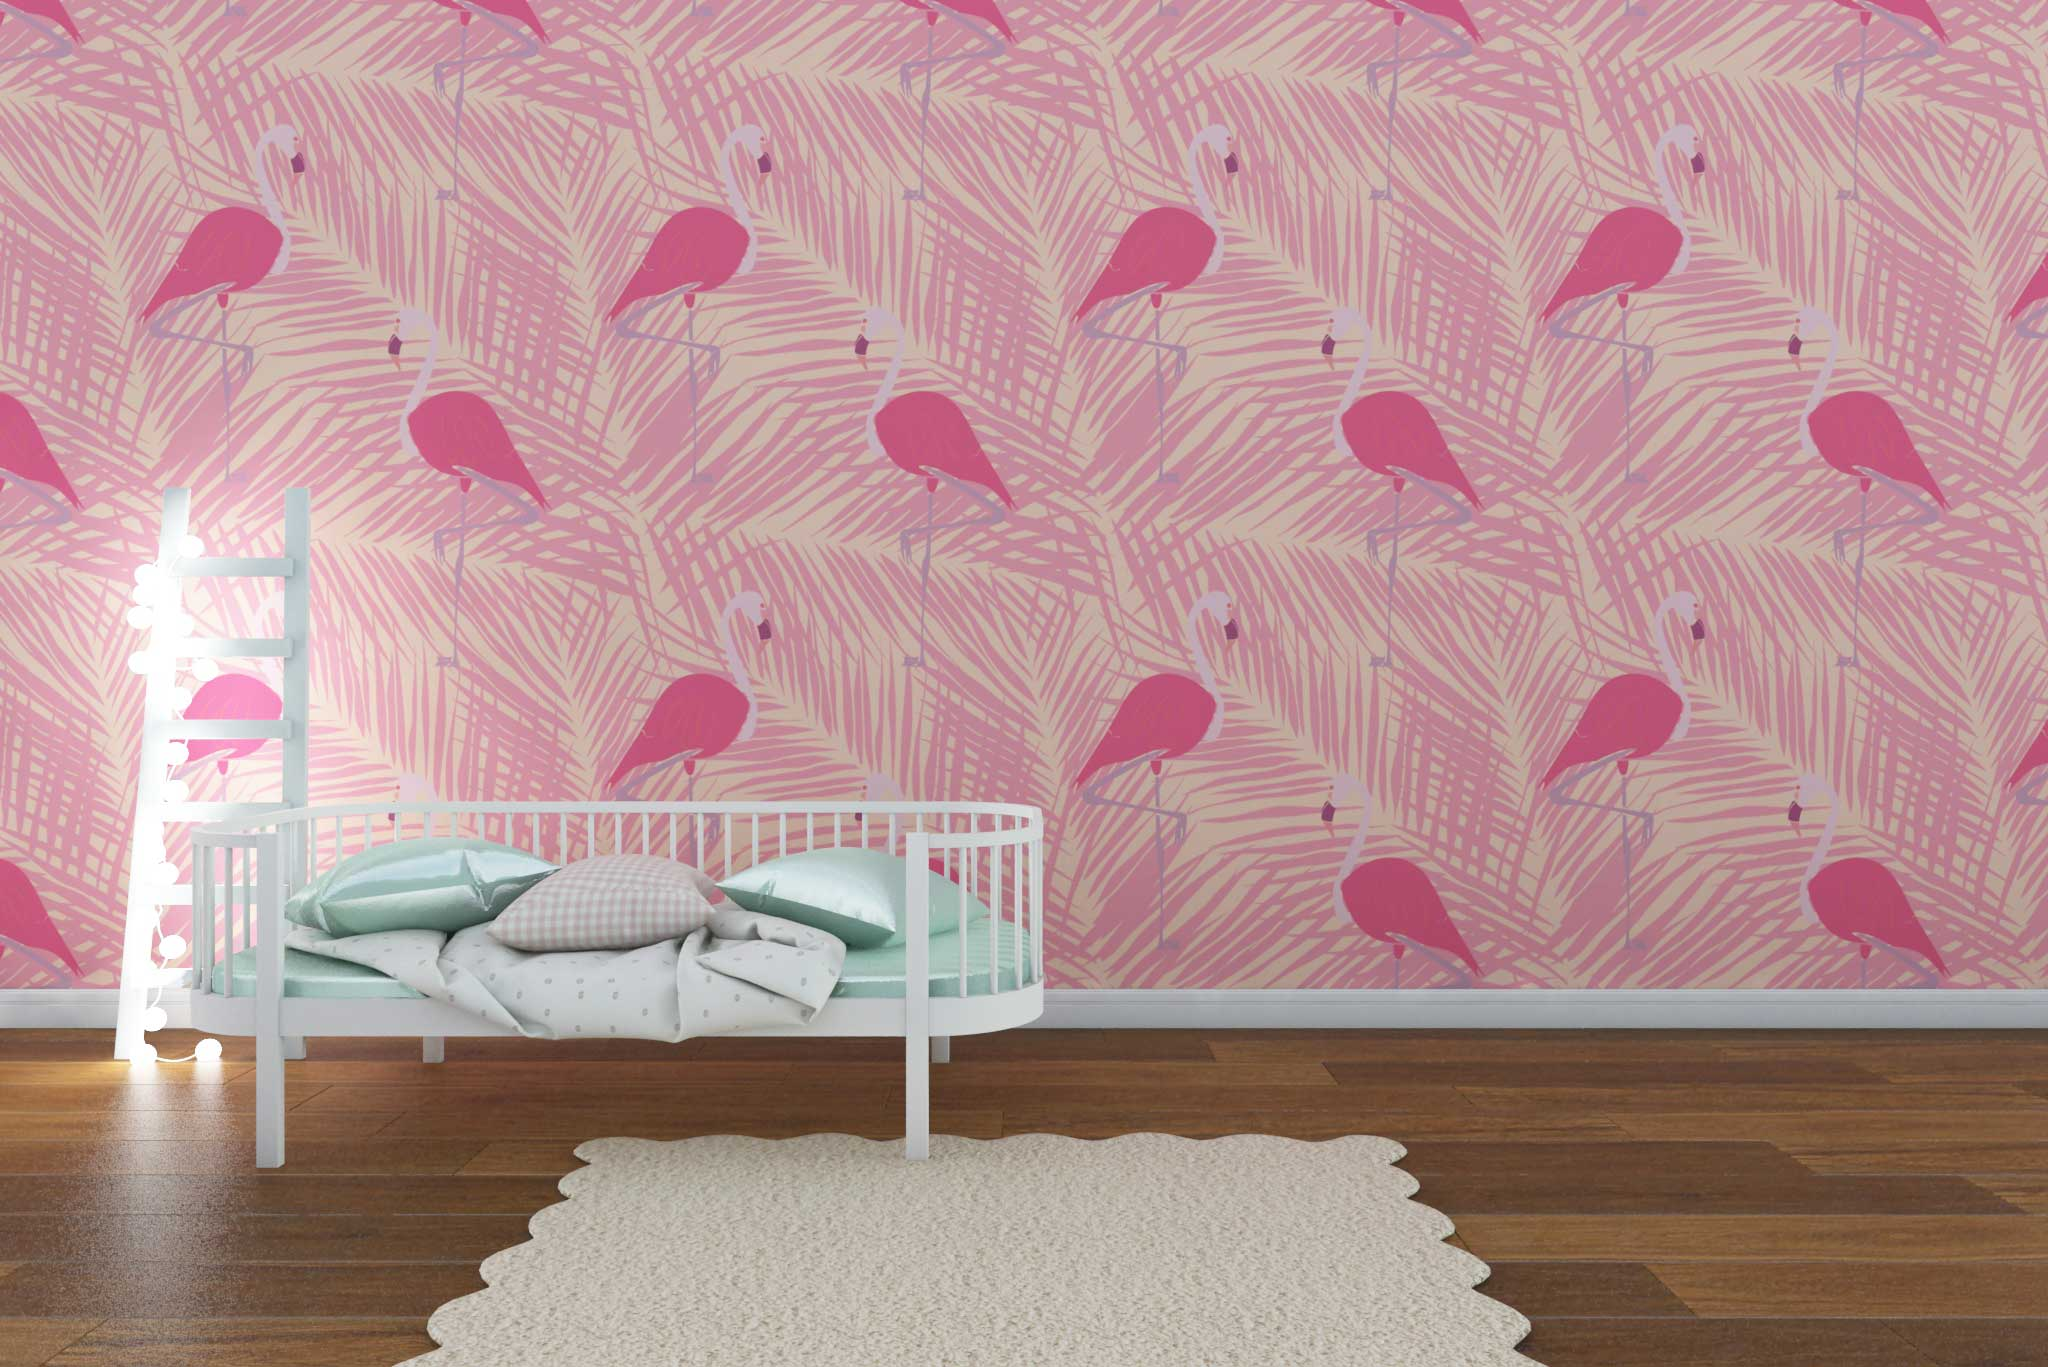 tapet-fototapet-comanda-personalizat-bucuresti-camera-dormitor-copii-model-flamingo-frunze-roz